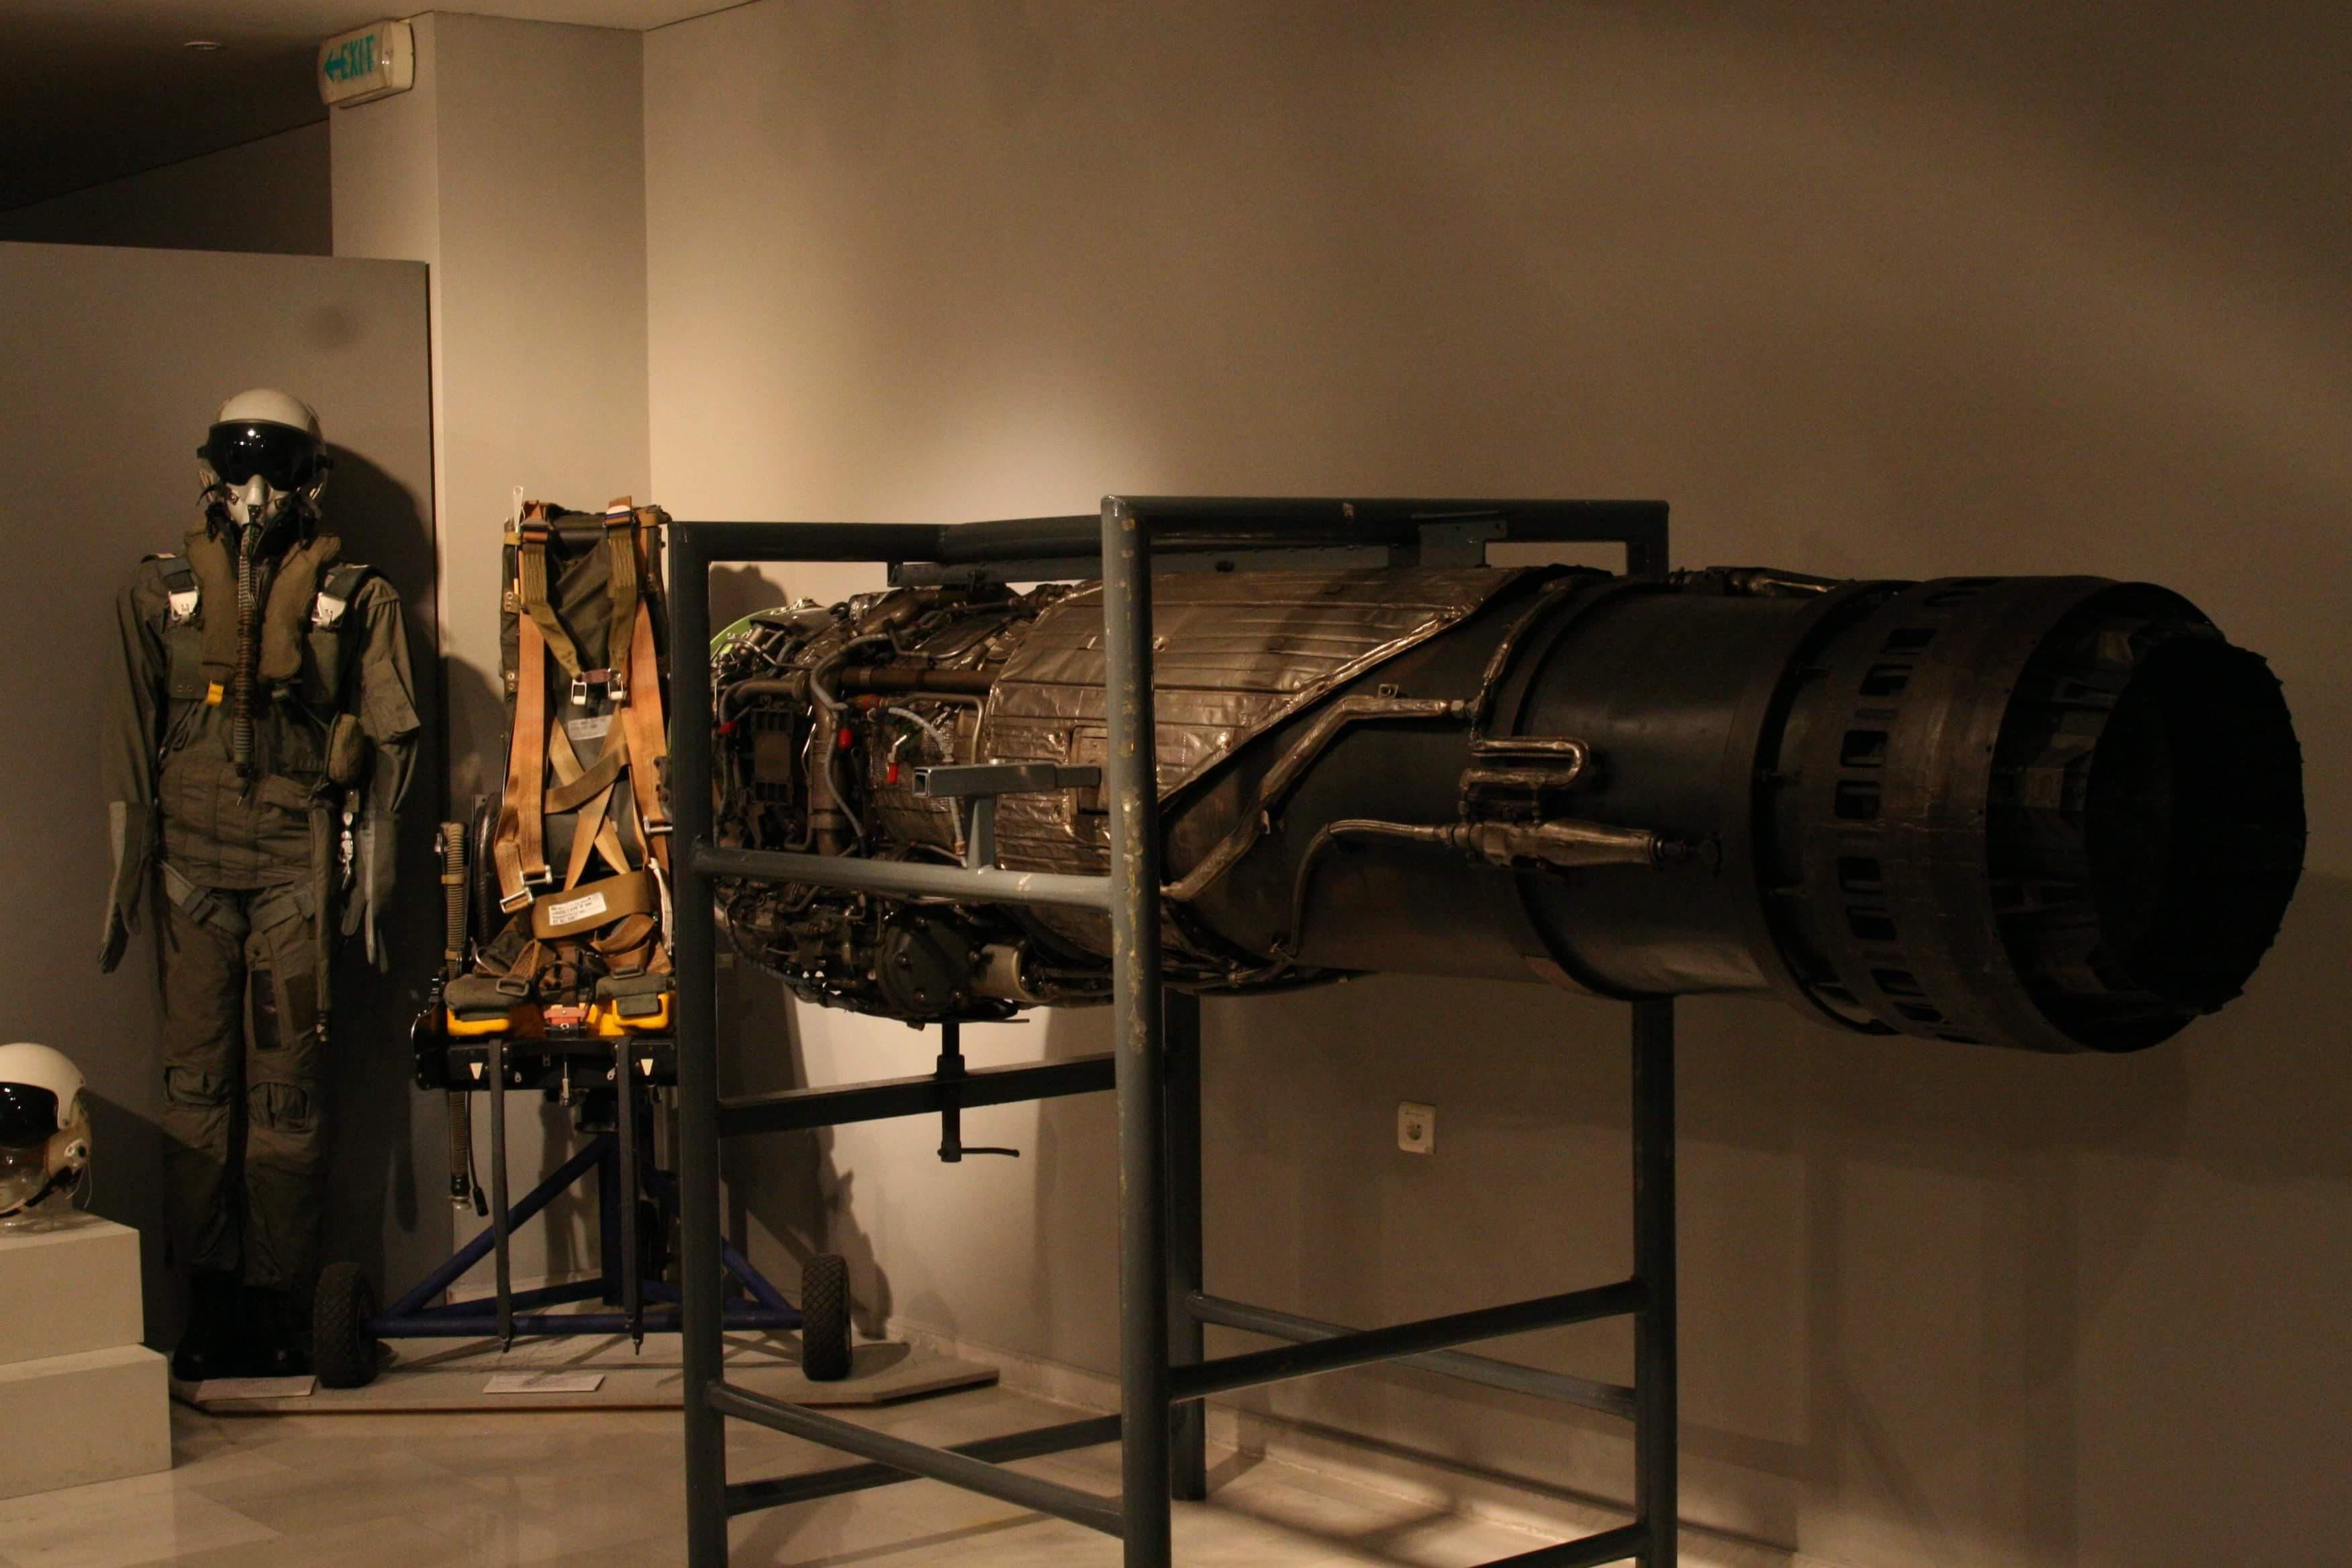 Εκτινασομενο κάθισμα και κινητήρας αεροπλάνου F5A και φόρμα χειριστή.